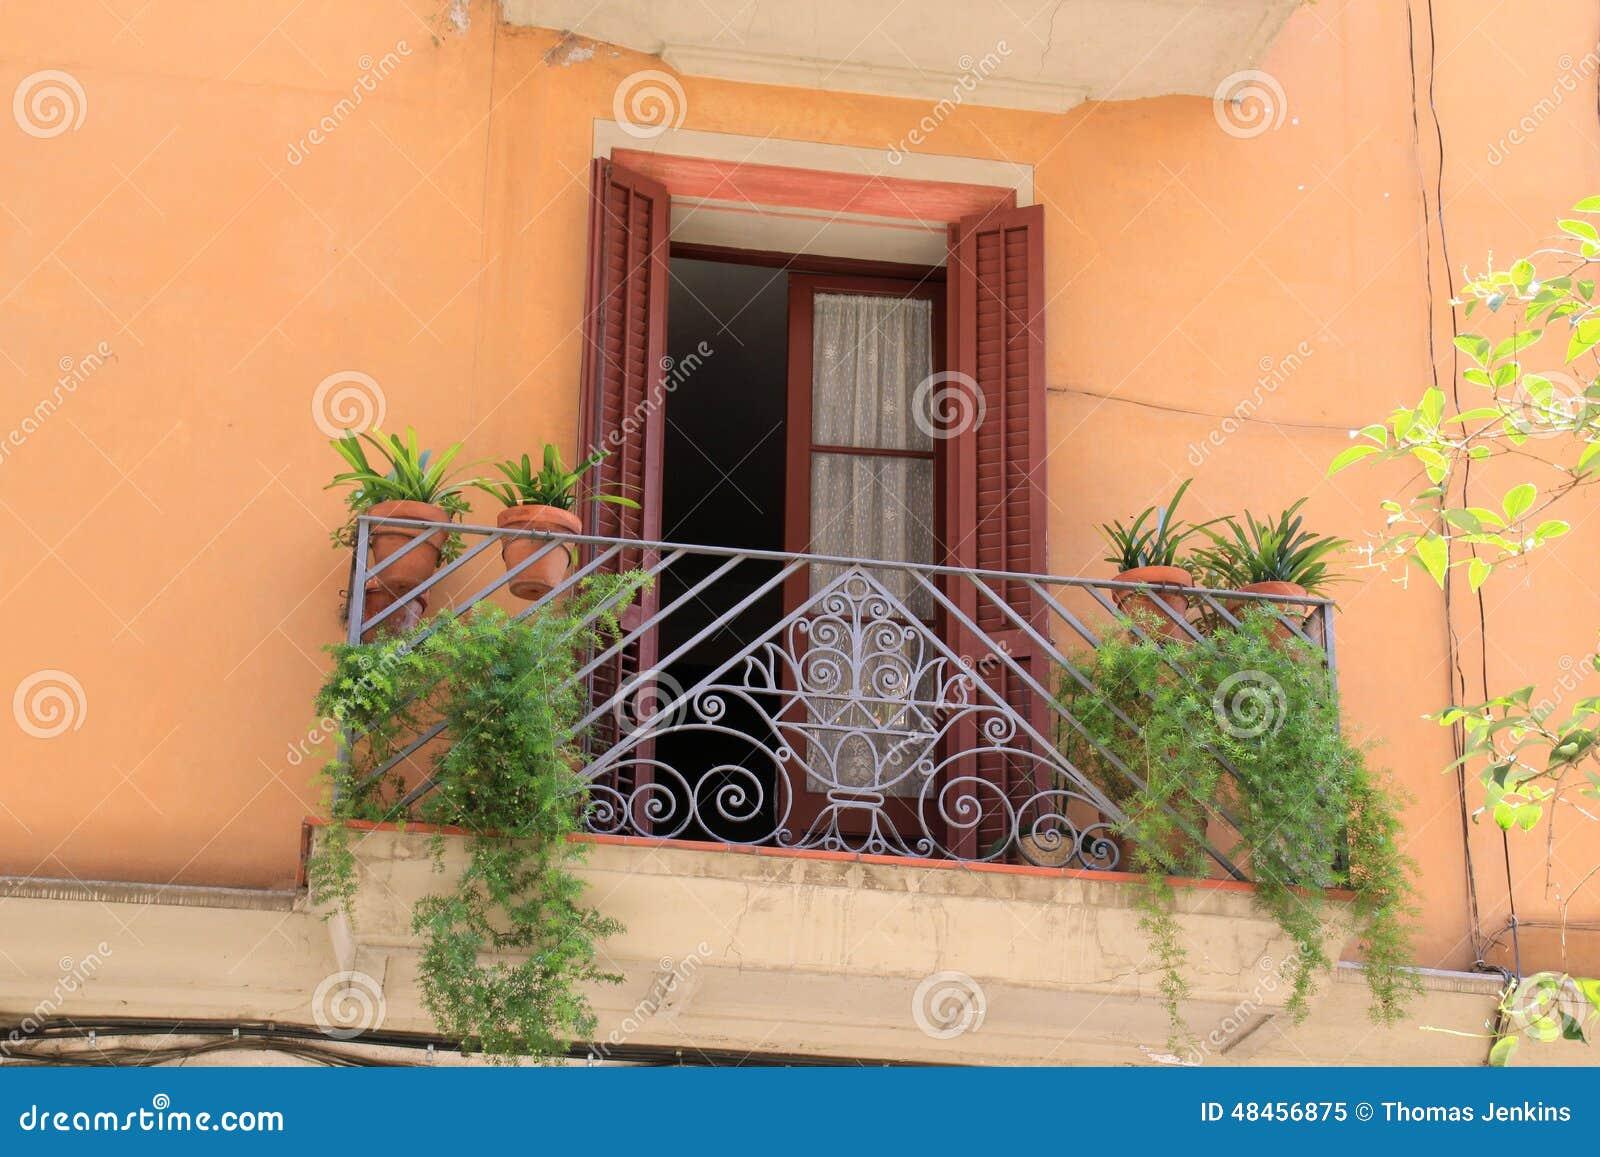 Auvent Balcon concernant balcon avec des portes et des usines d'auvent à barcelone, espagne